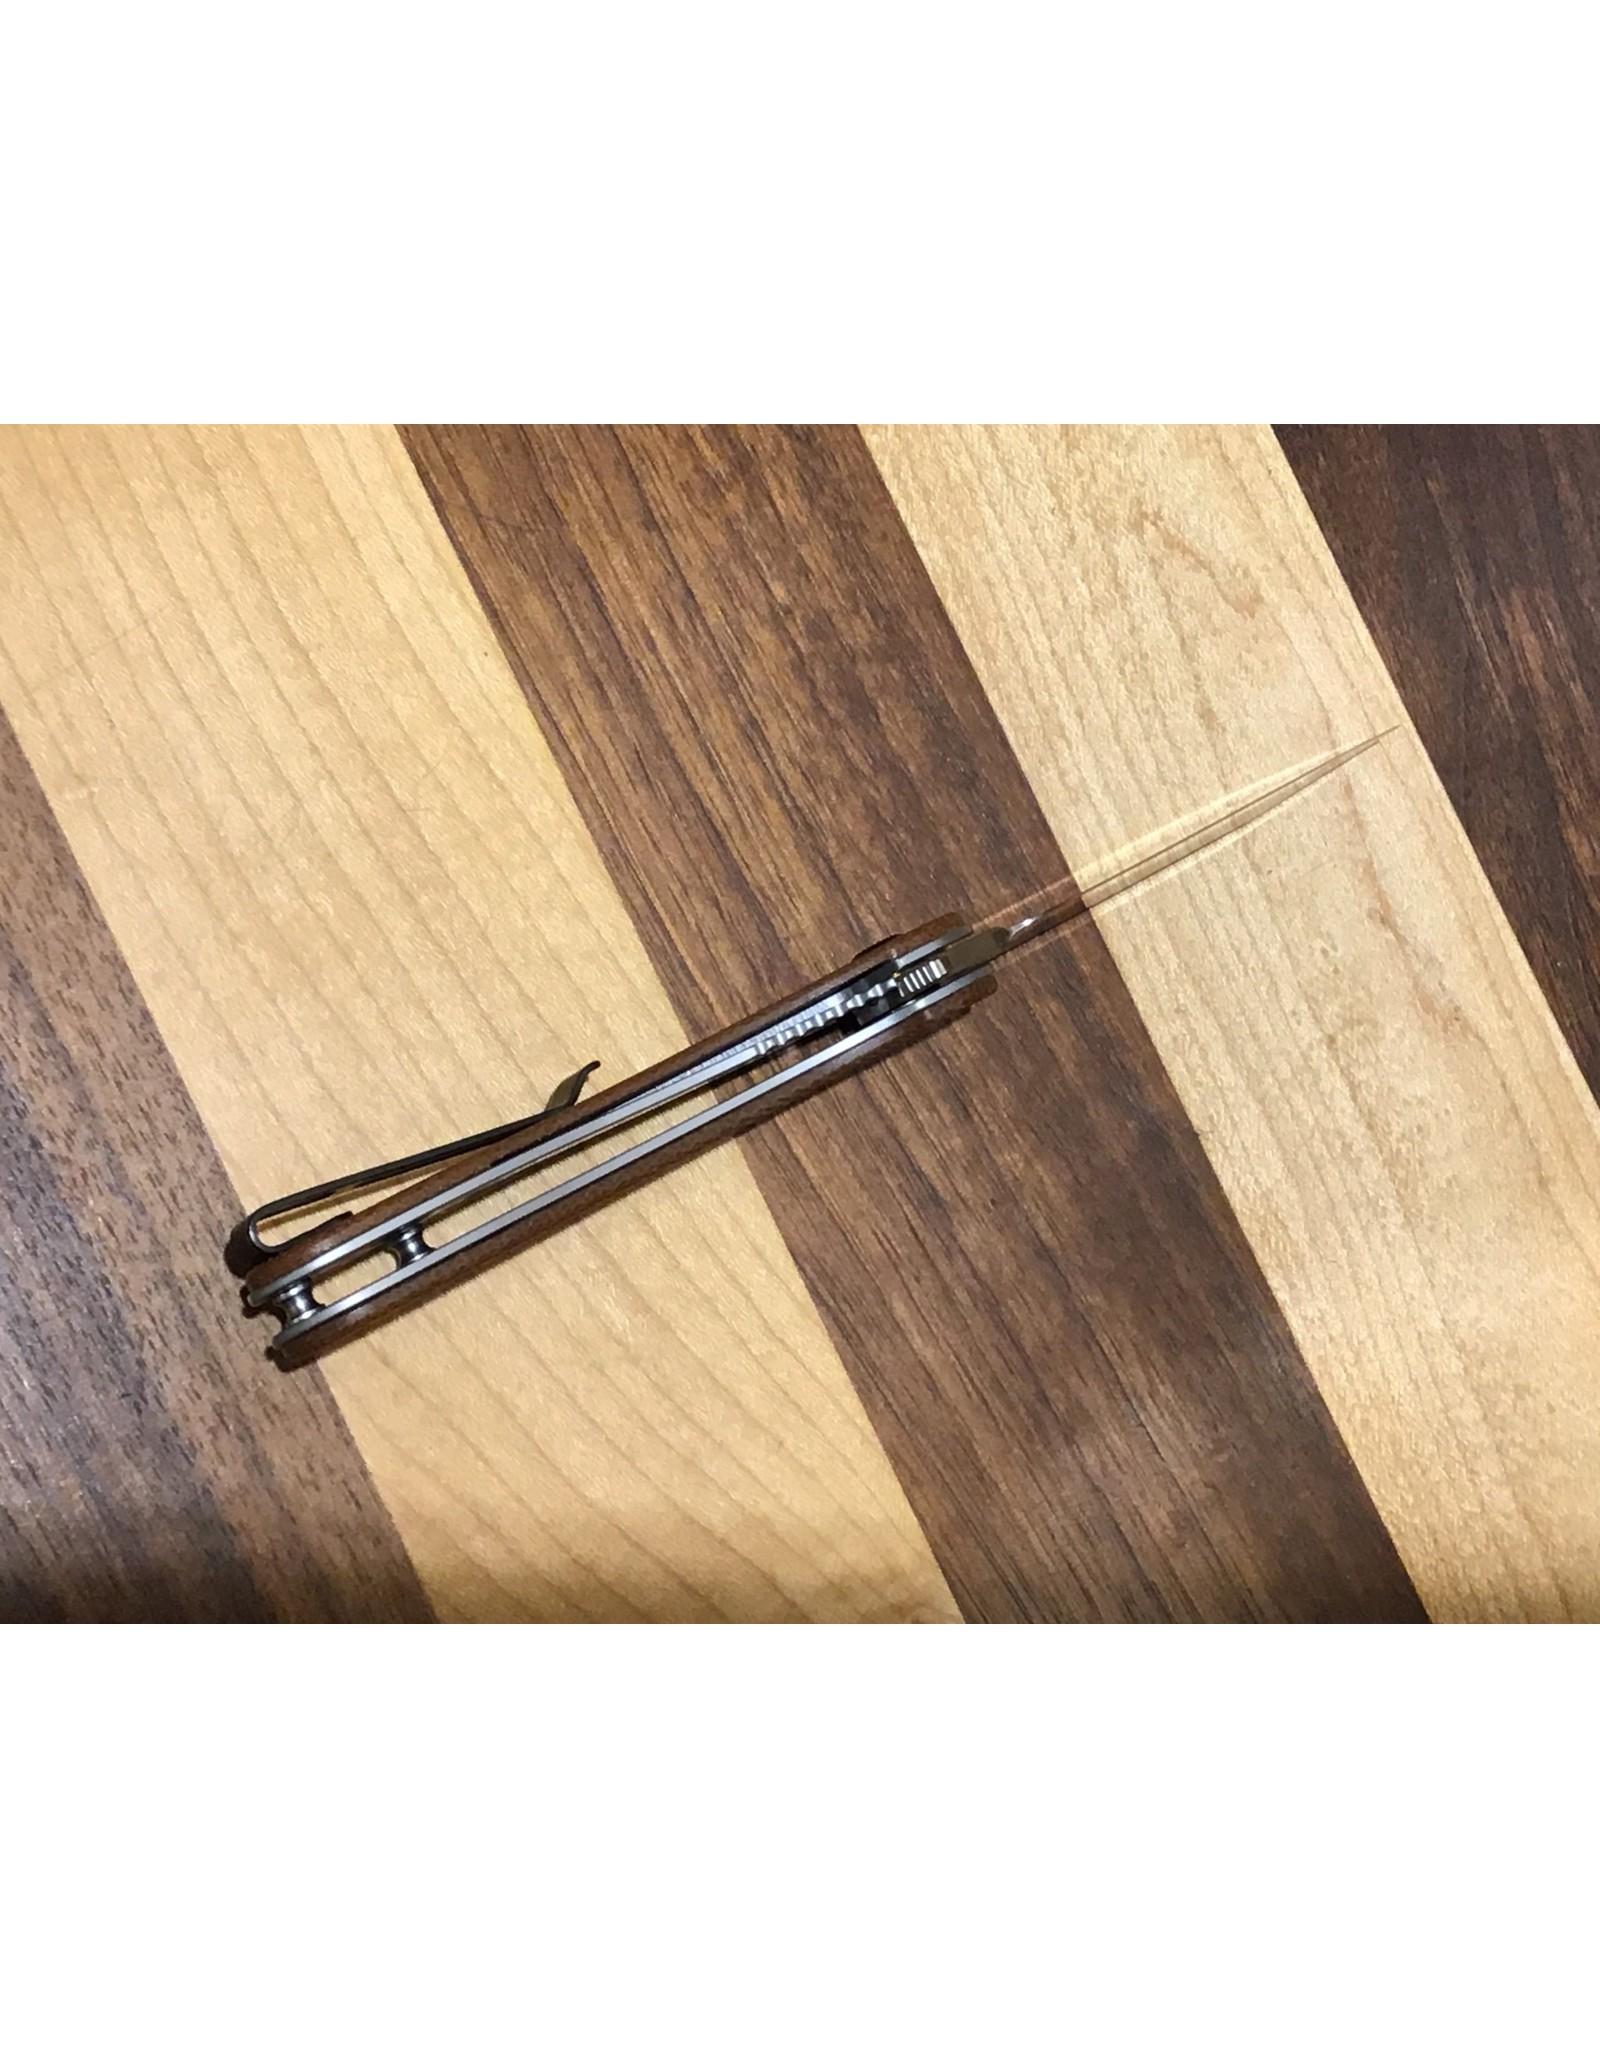 Civivi Civivi Elementum Brown Micarta C907M